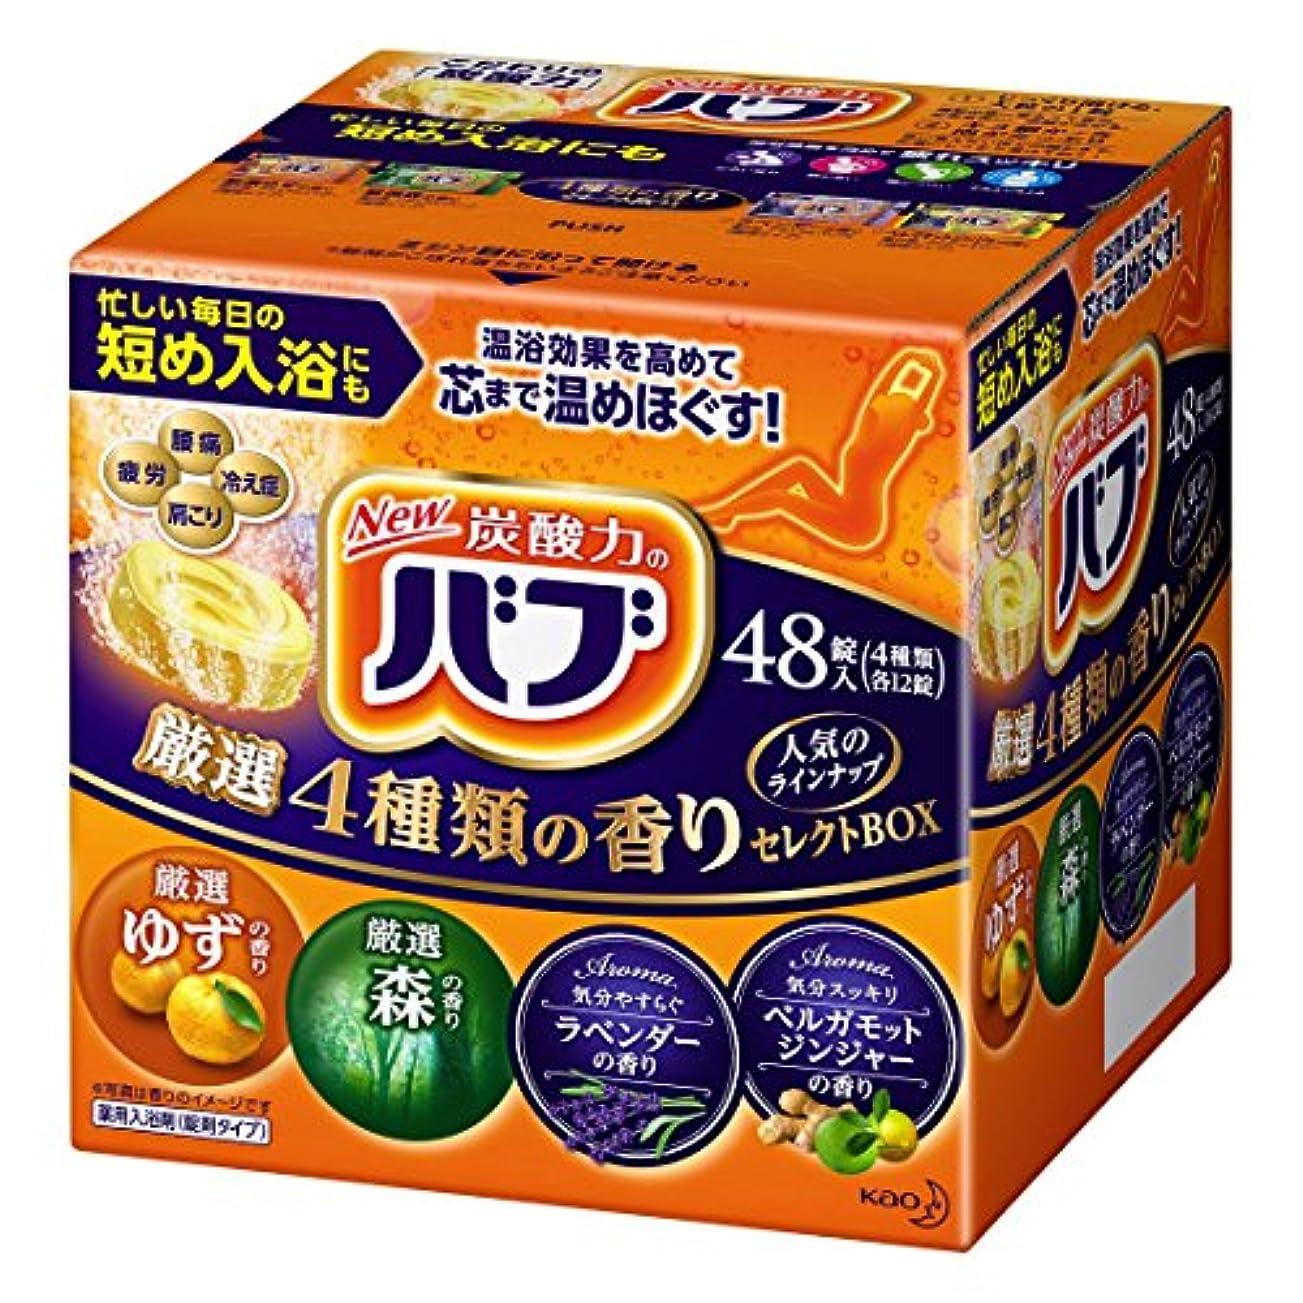 フリルスロットアダルト【大容量】バブ 厳選4種類の香りセレクトBOX 48錠 炭酸 入浴剤